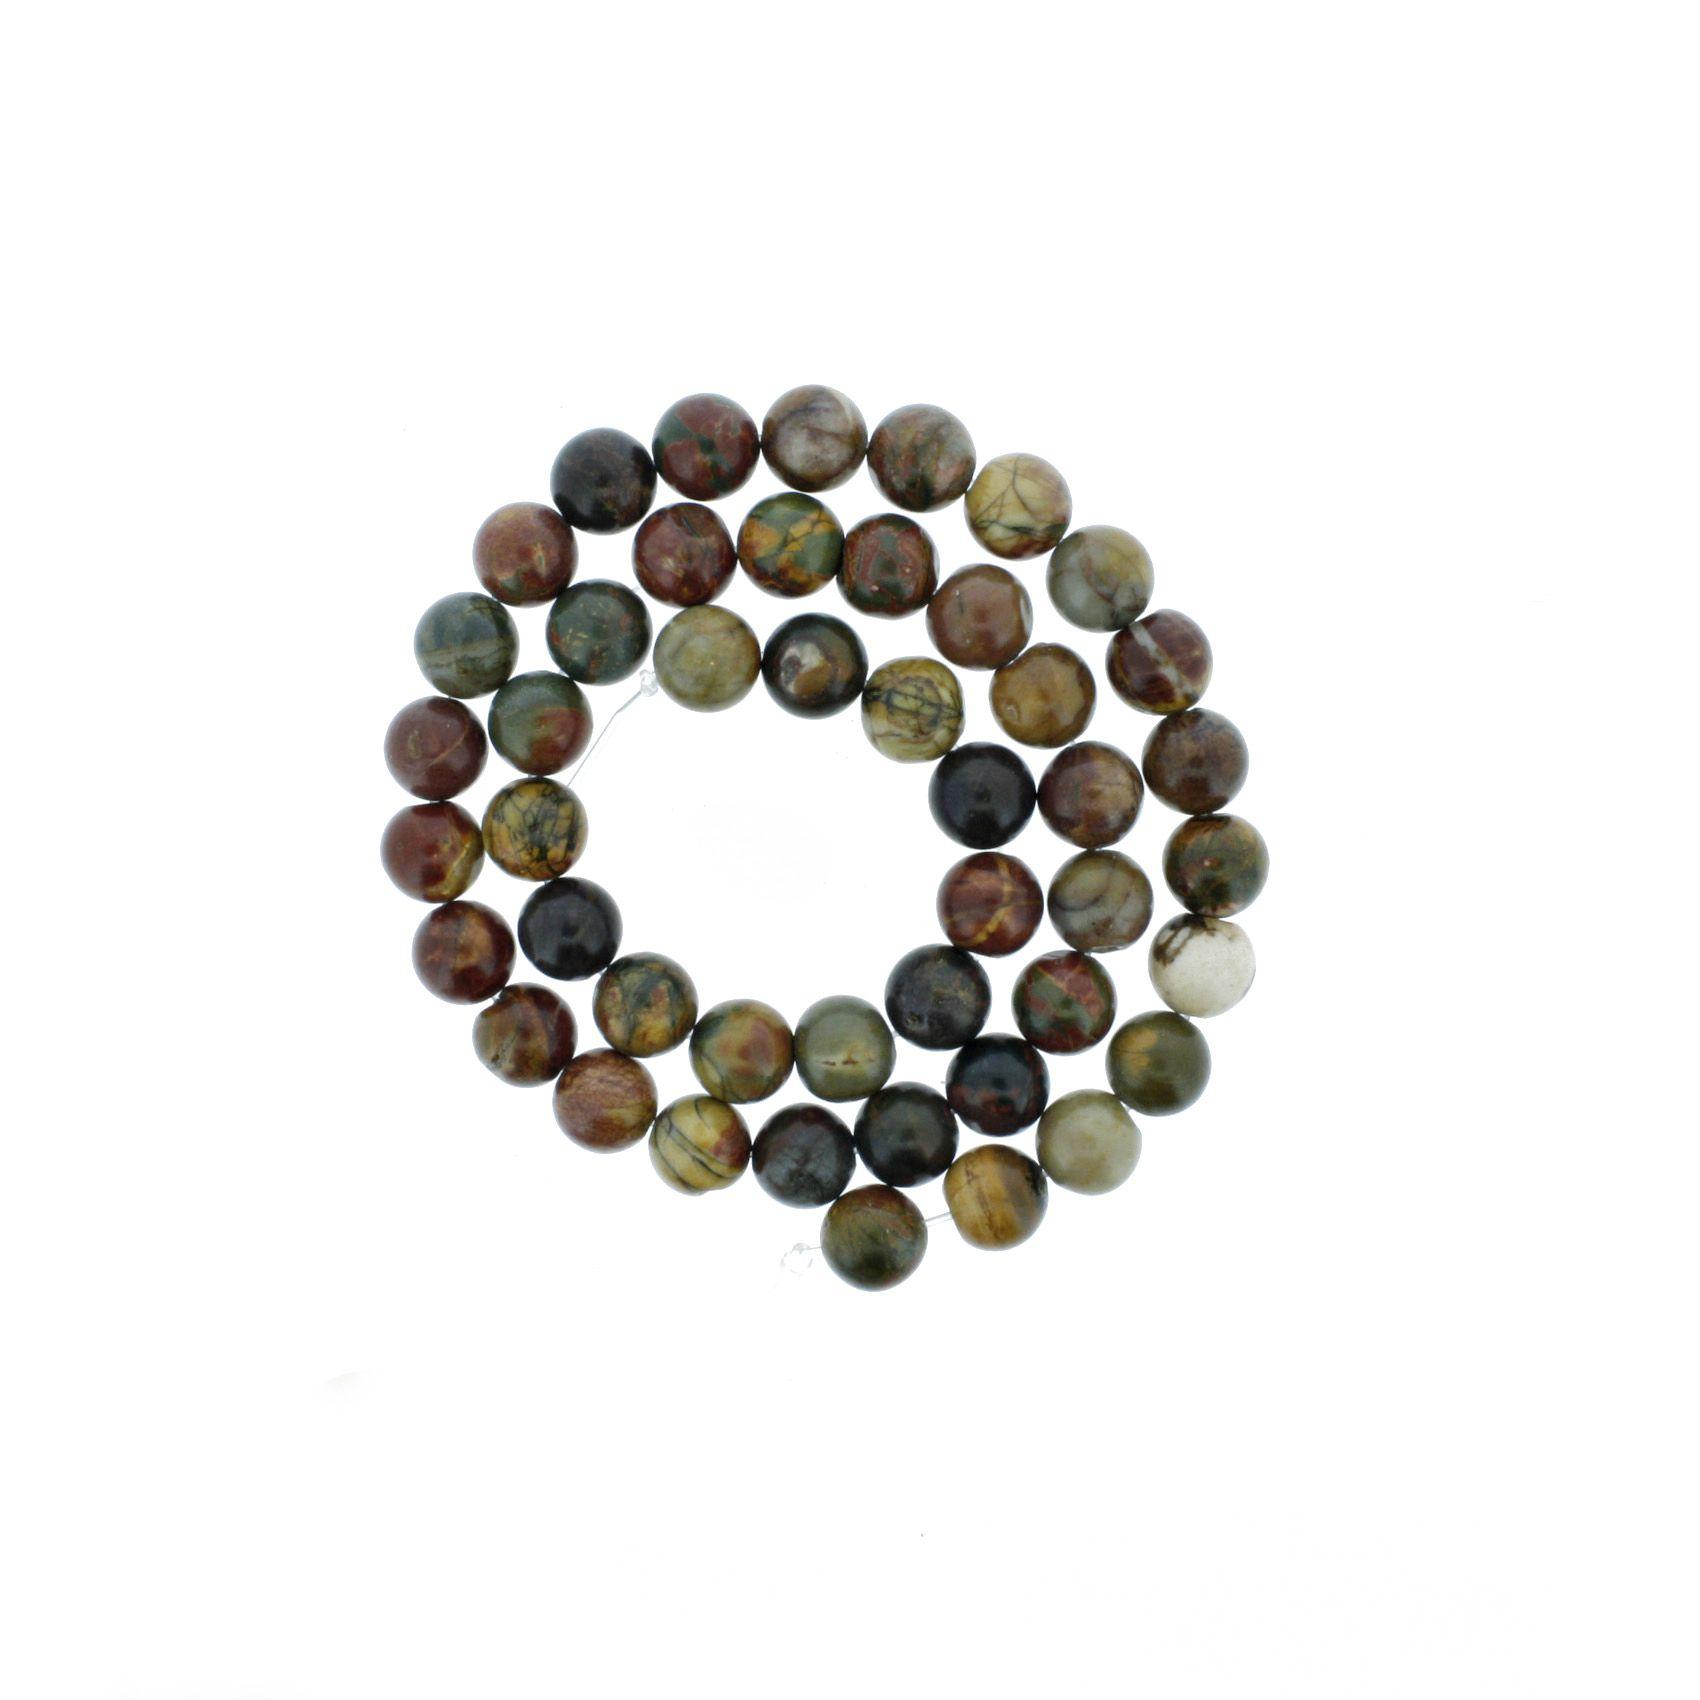 Fio de Pedra - Pietra® - Jaspe Mix - 8mm  - Universo Religioso® - Artigos de Umbanda e Candomblé